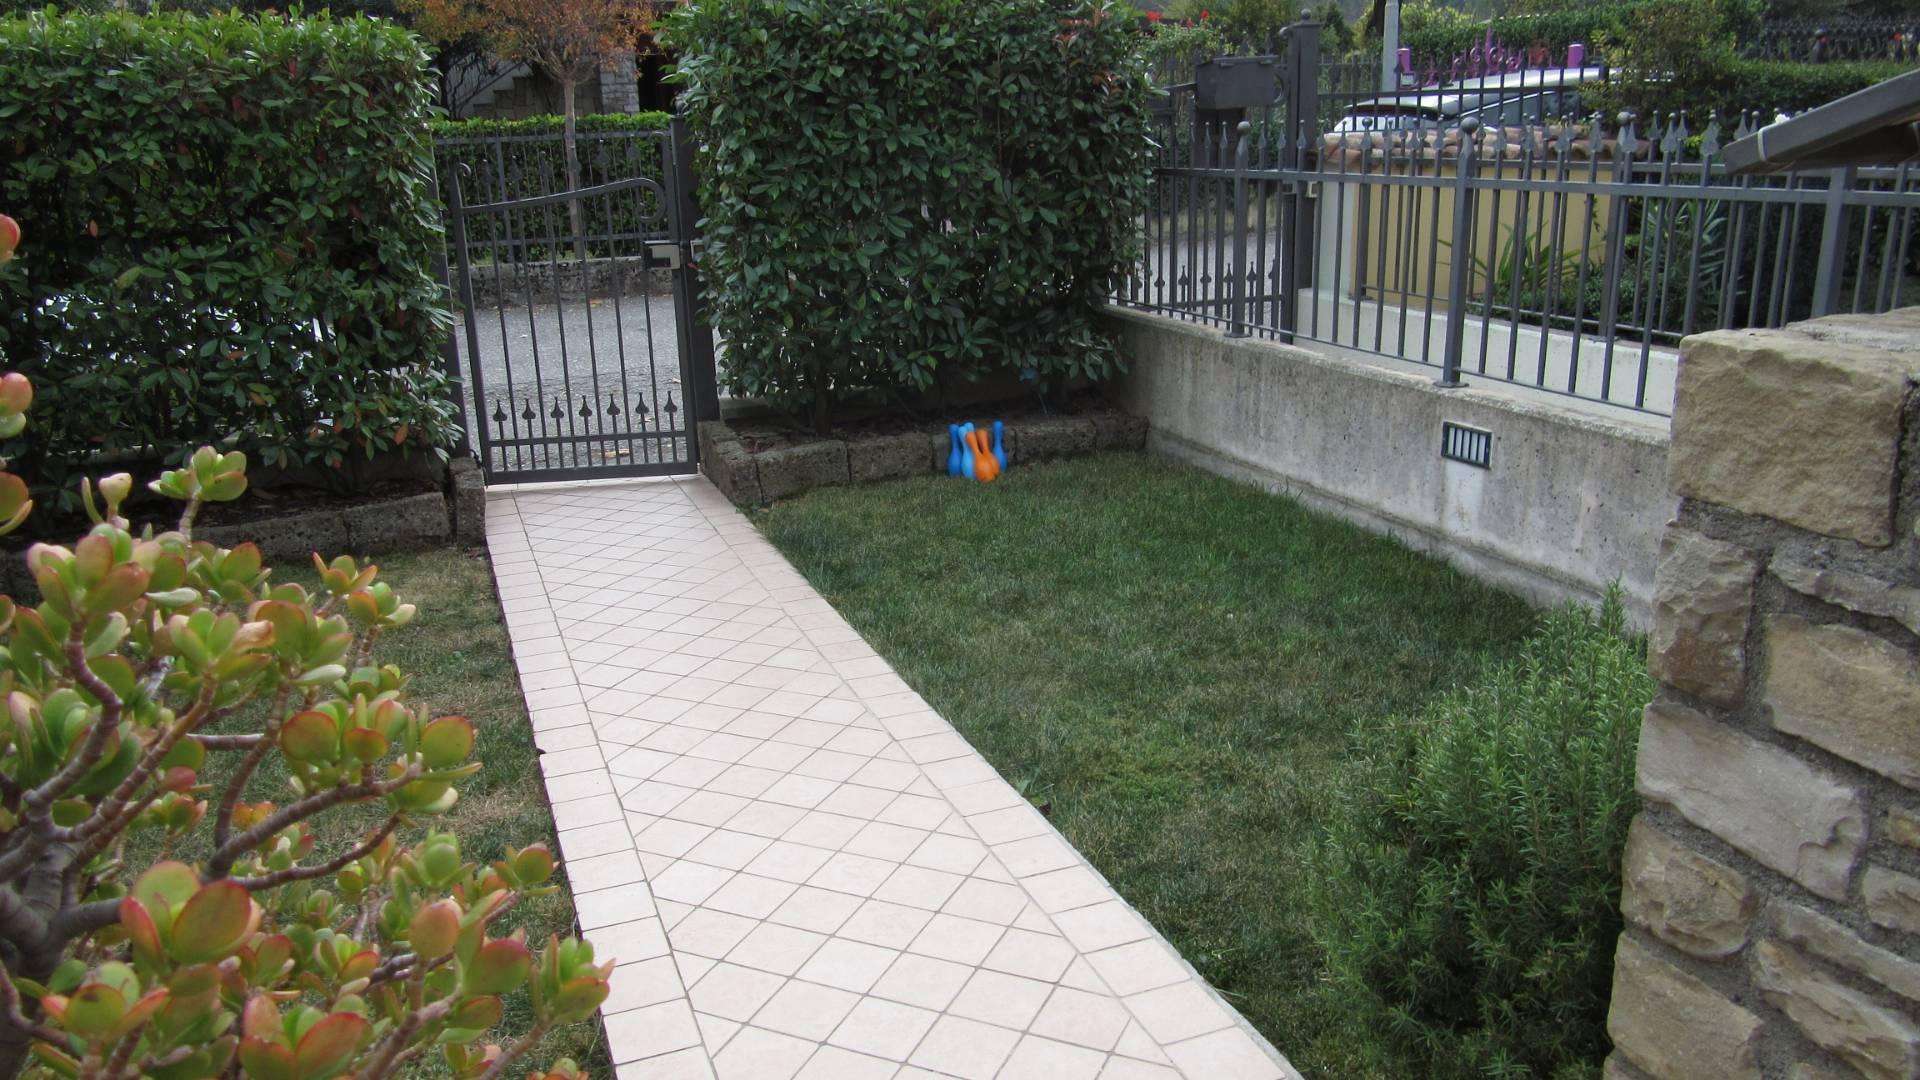 Appartamento in vendita a Villa Carcina, 3 locali, zona Zona: Cailina, prezzo € 179.000 | CambioCasa.it